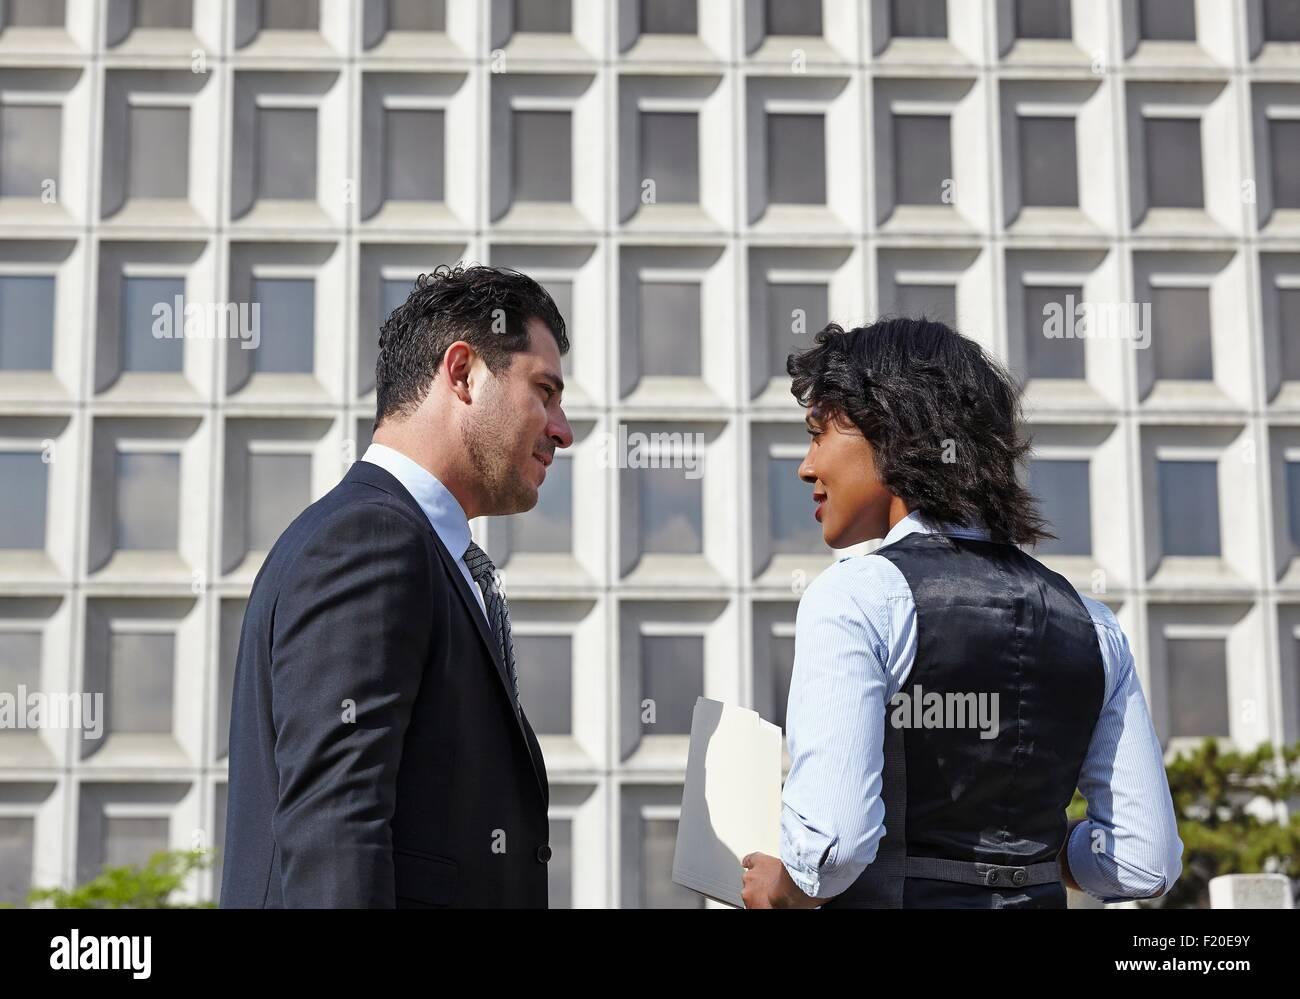 La gente de negocios de pie hablar cara a cara, sosteniendo el papeleo, de cintura para arriba Imagen De Stock